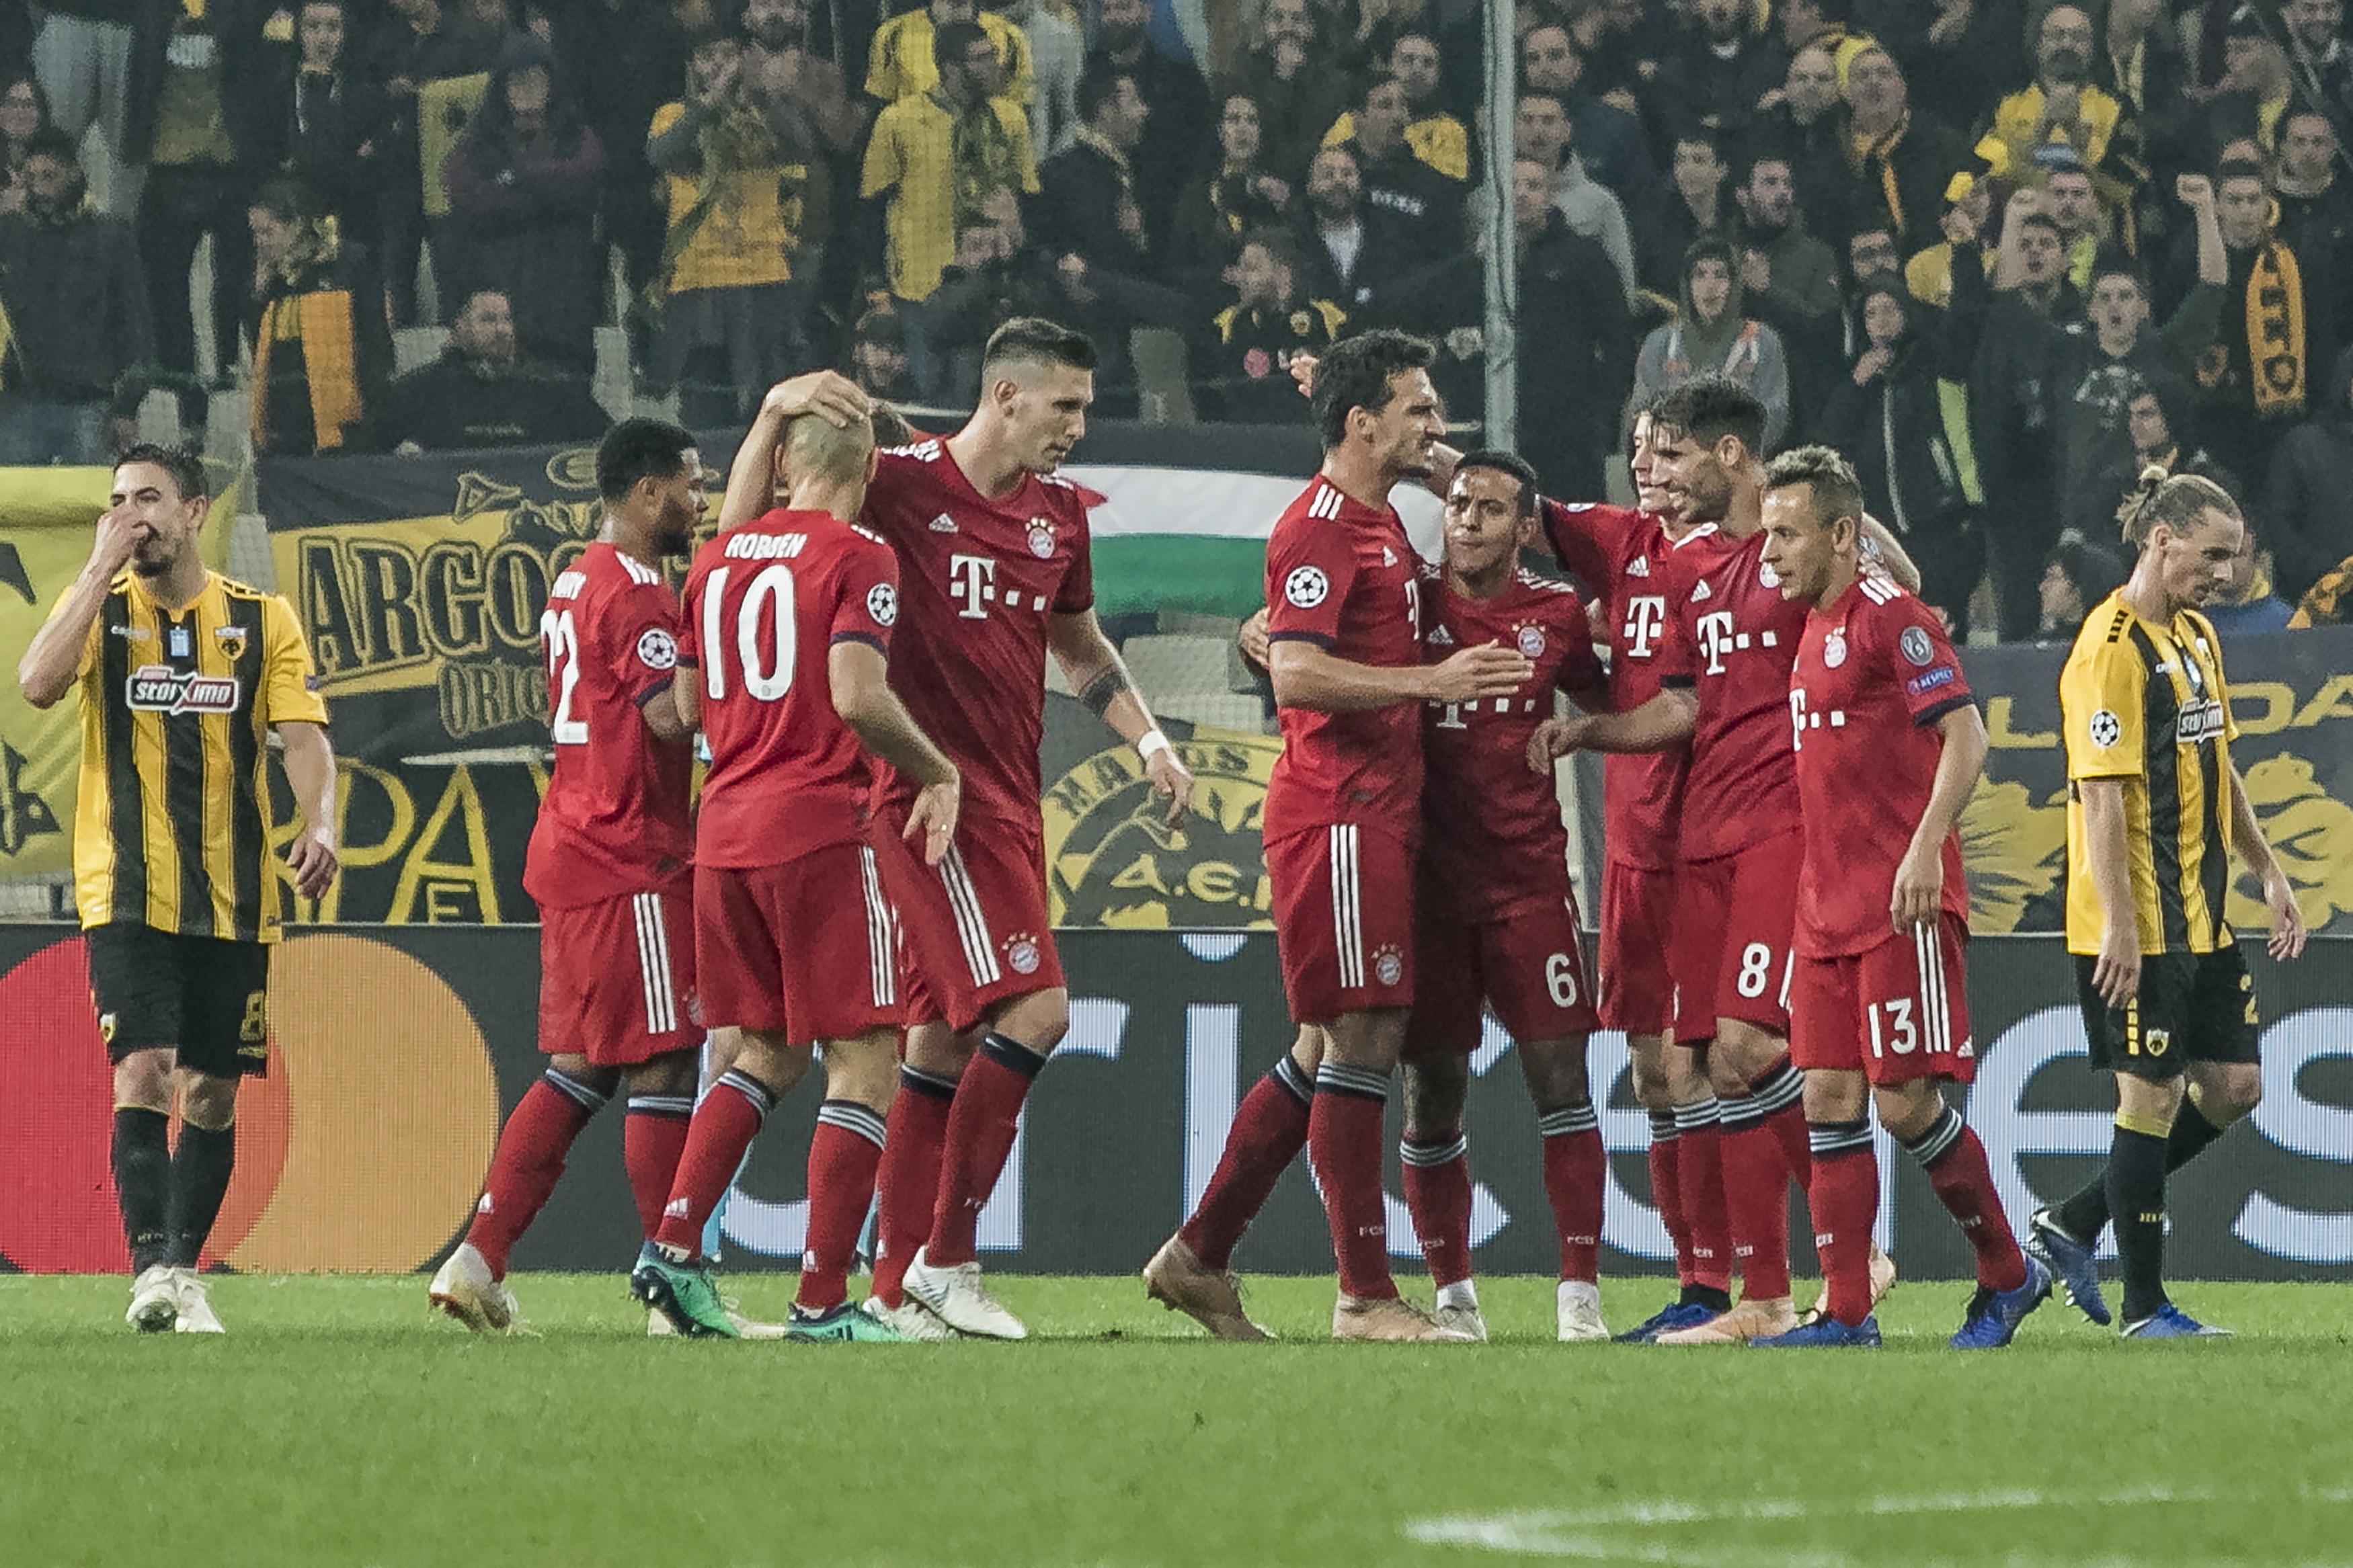 AEK vai reembolsar 10 euros a cada adepto do Bayern por preços altos dos bilhetes